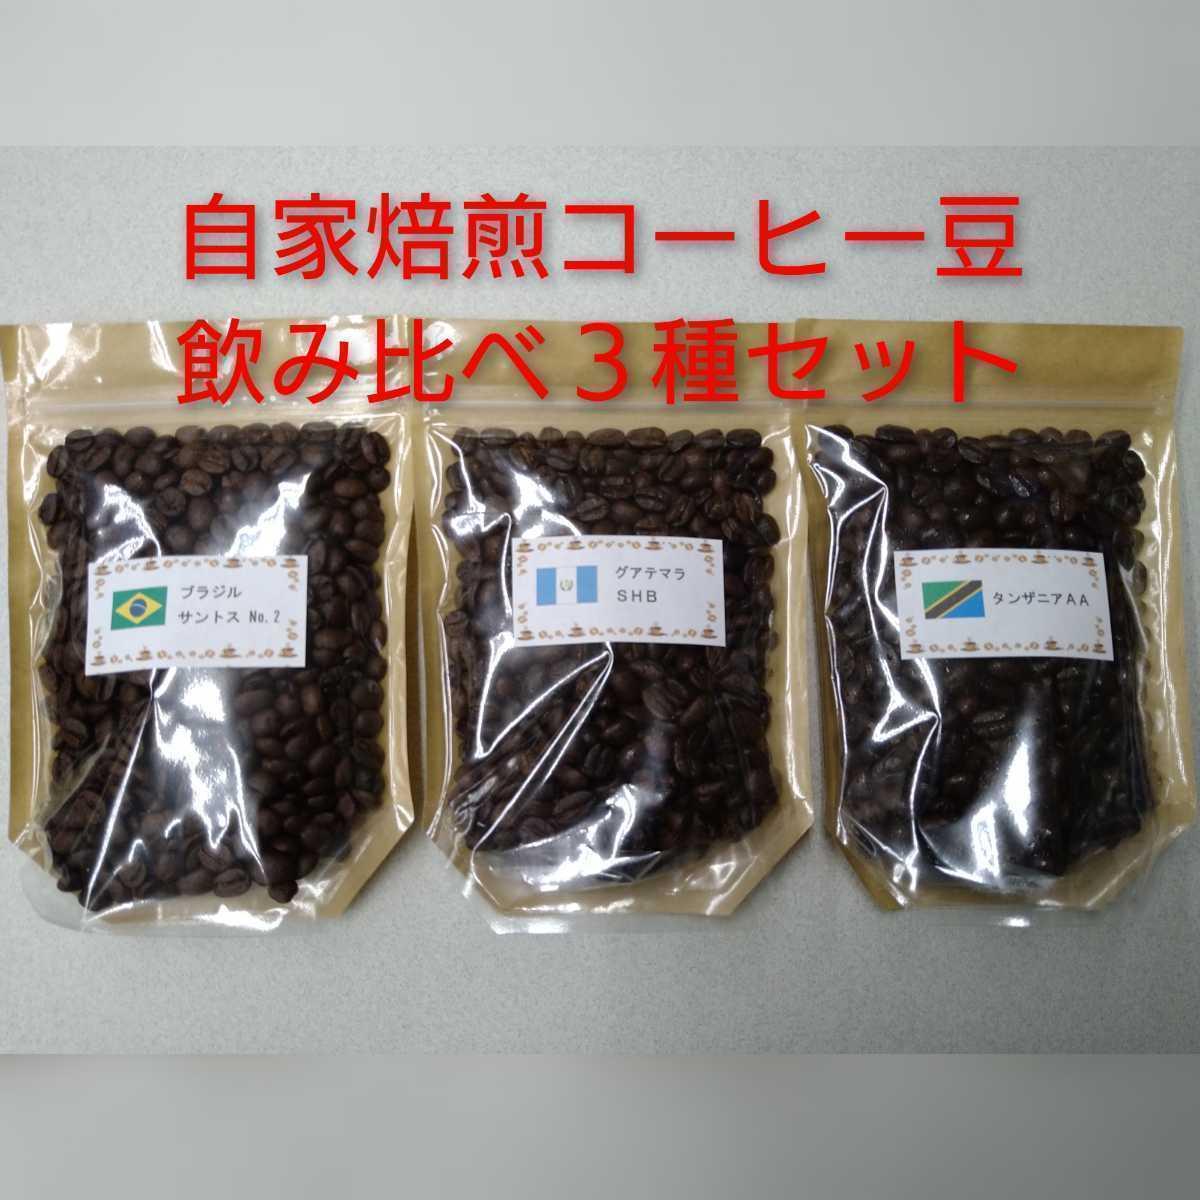 【送料無料】煎りたて自家焙煎コーヒー豆飲み比べ3種セット_画像1